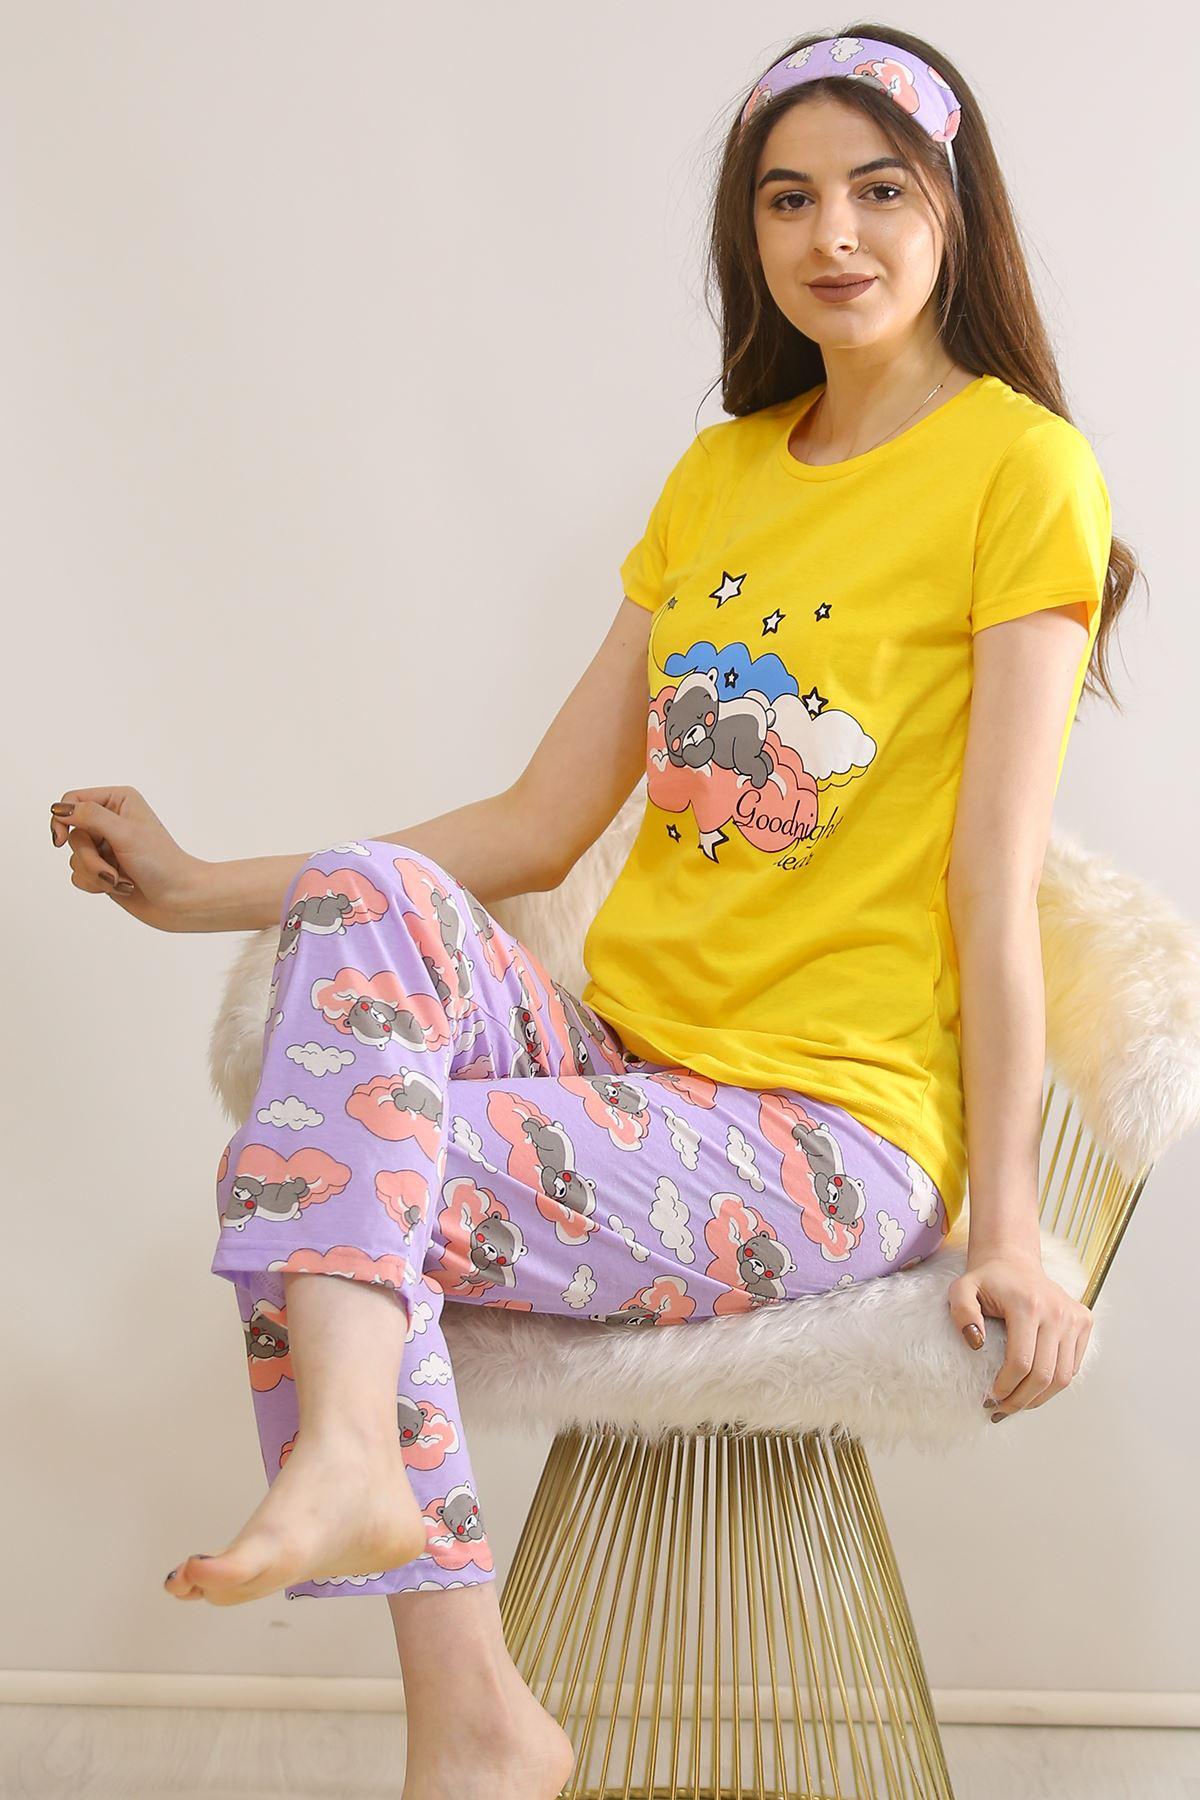 Baskılı Pijama Takımı Sarı - 21442.1059.